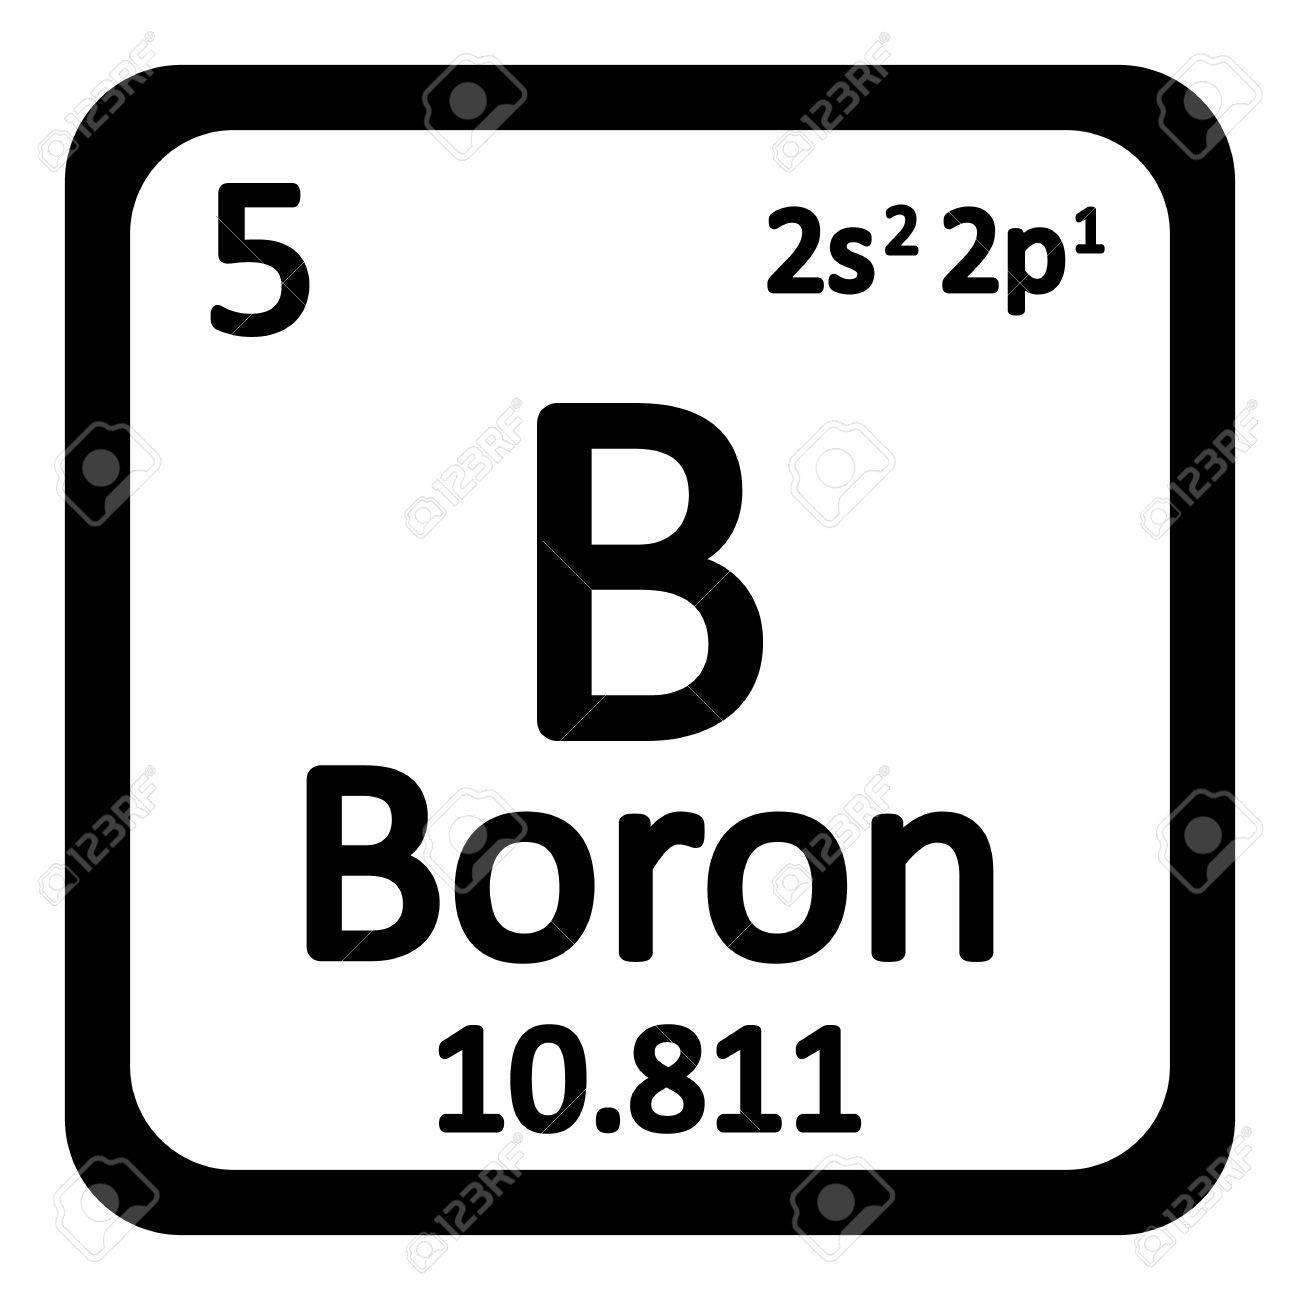 Elemento de la tabla peridica icono de boro en el fondo blanco elemento de la tabla peridica icono de boro en el fondo blanco ilustracin del vector urtaz Gallery